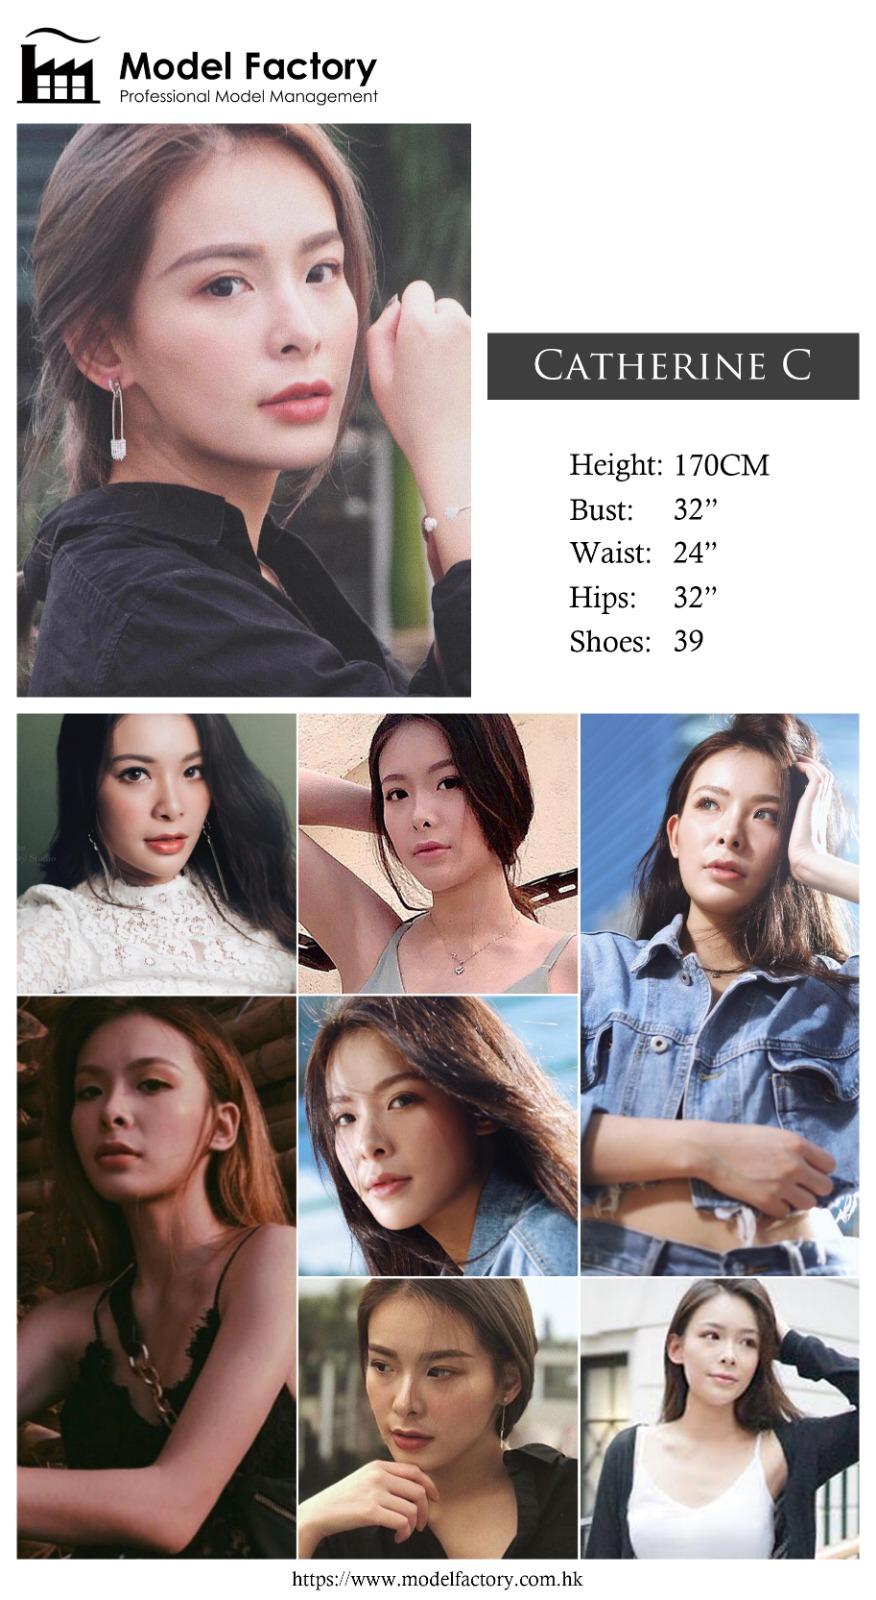 model agency hk catherine